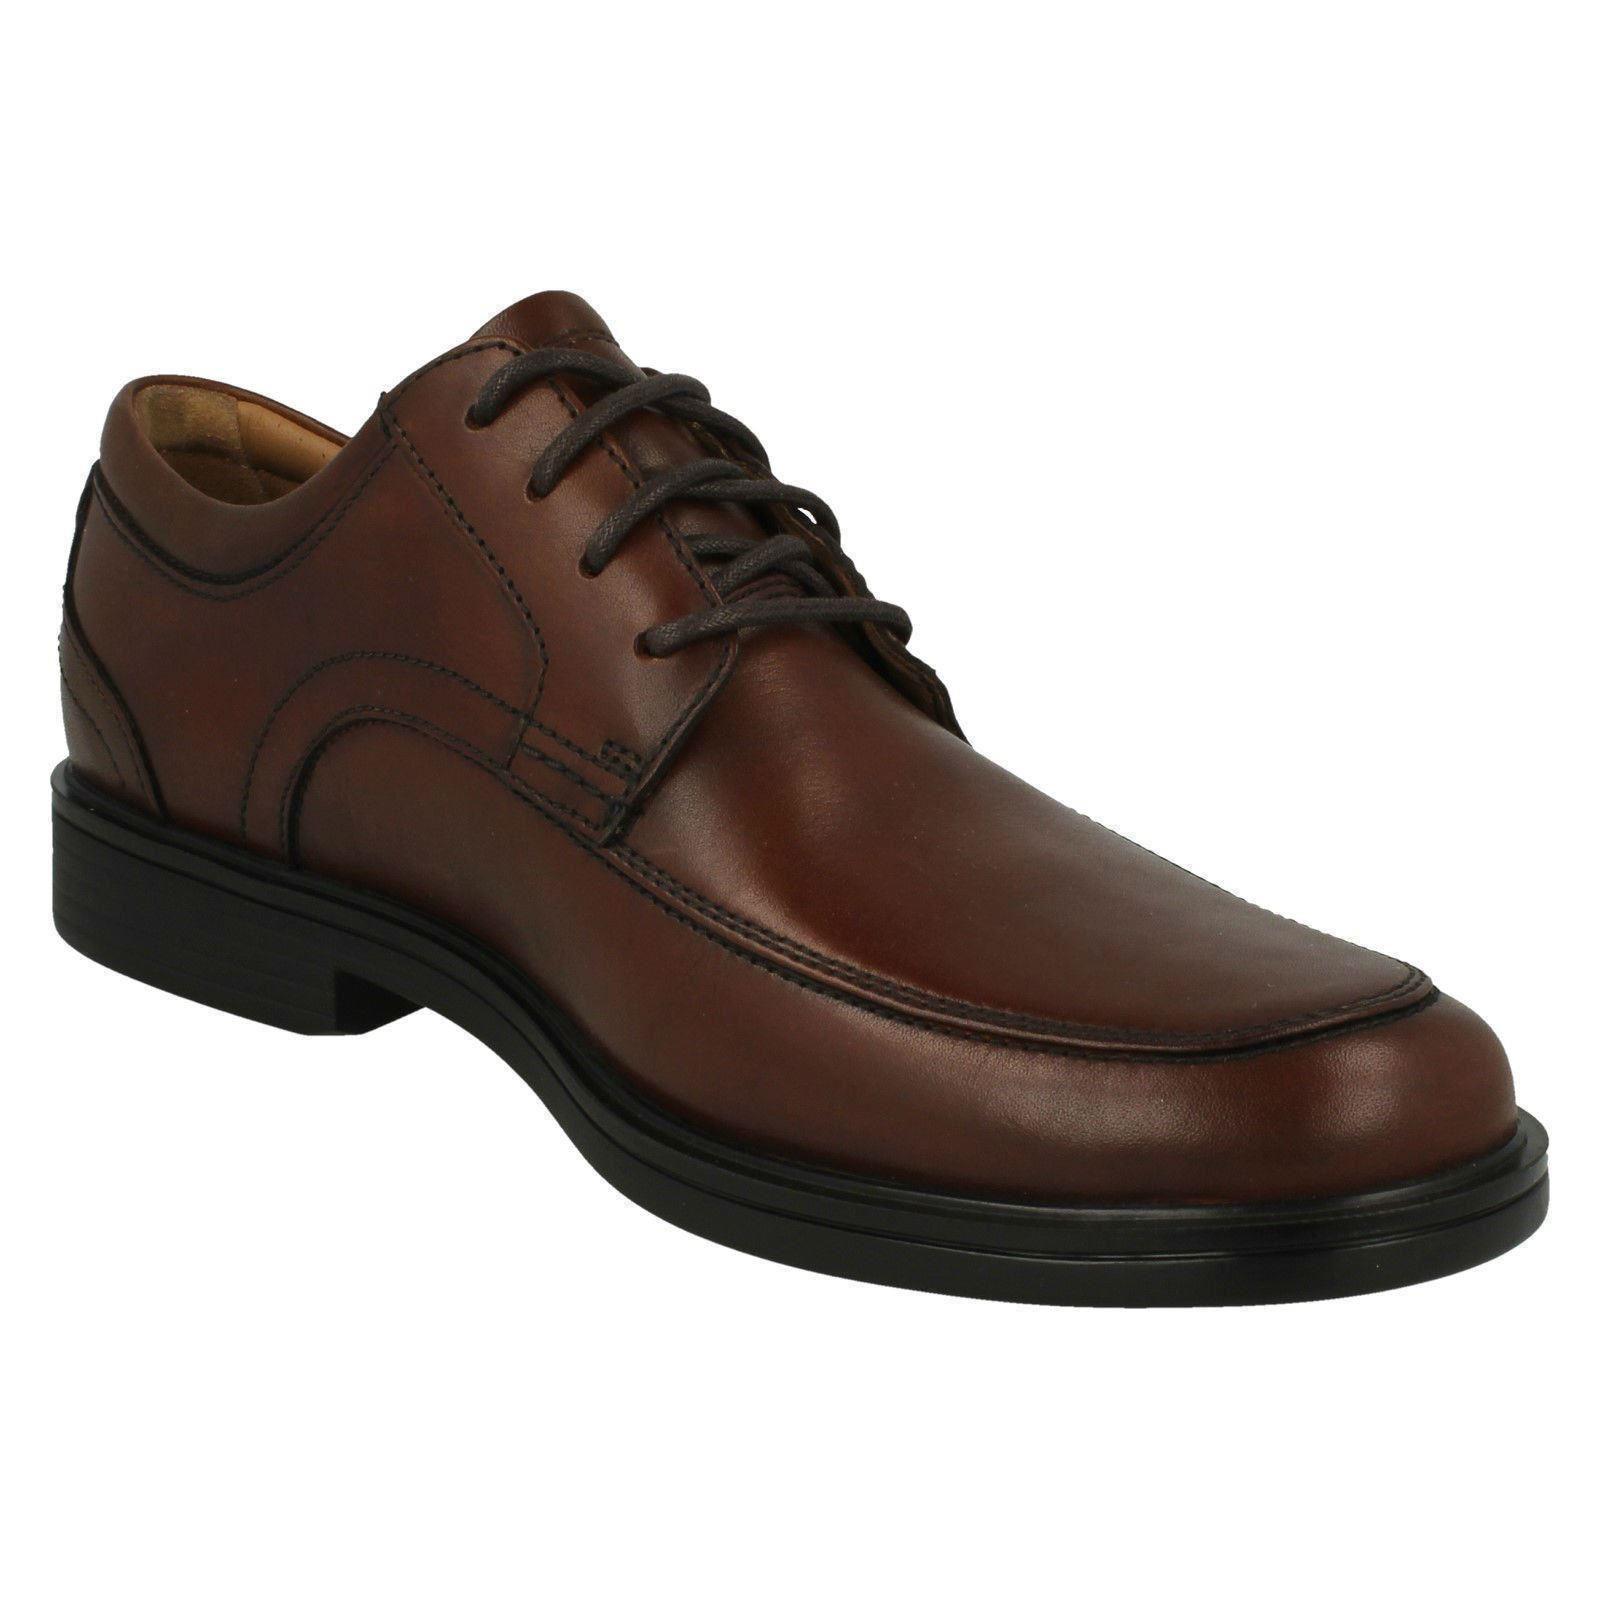 Details about  /Mens Clarks Formal Lace Up Shoes Un Aldric Park